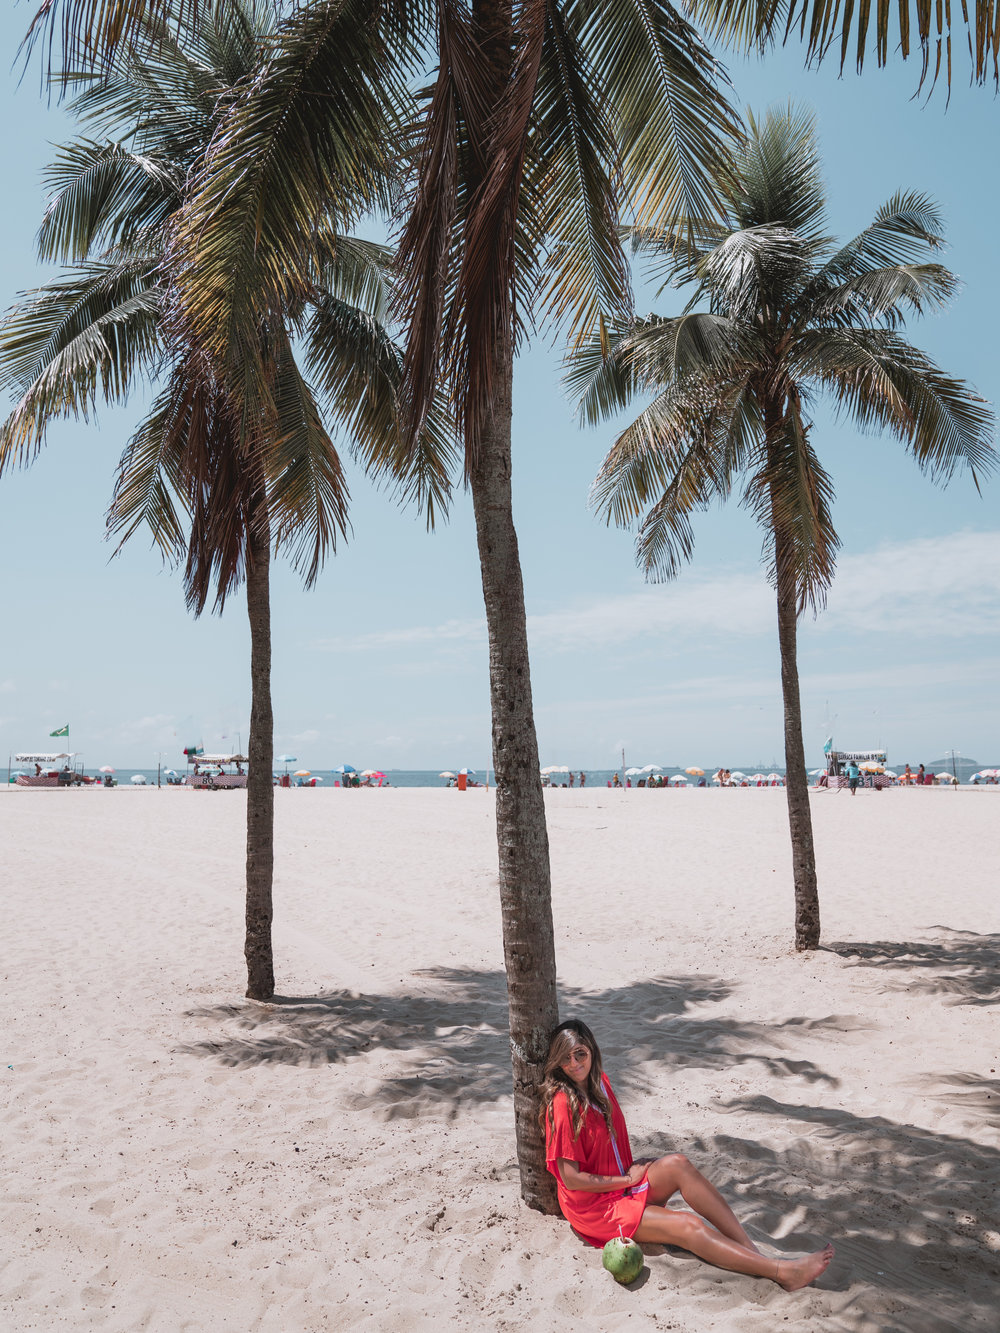 Best Beaches in Rio De Janeiro, Brazil: Copacabana Beach